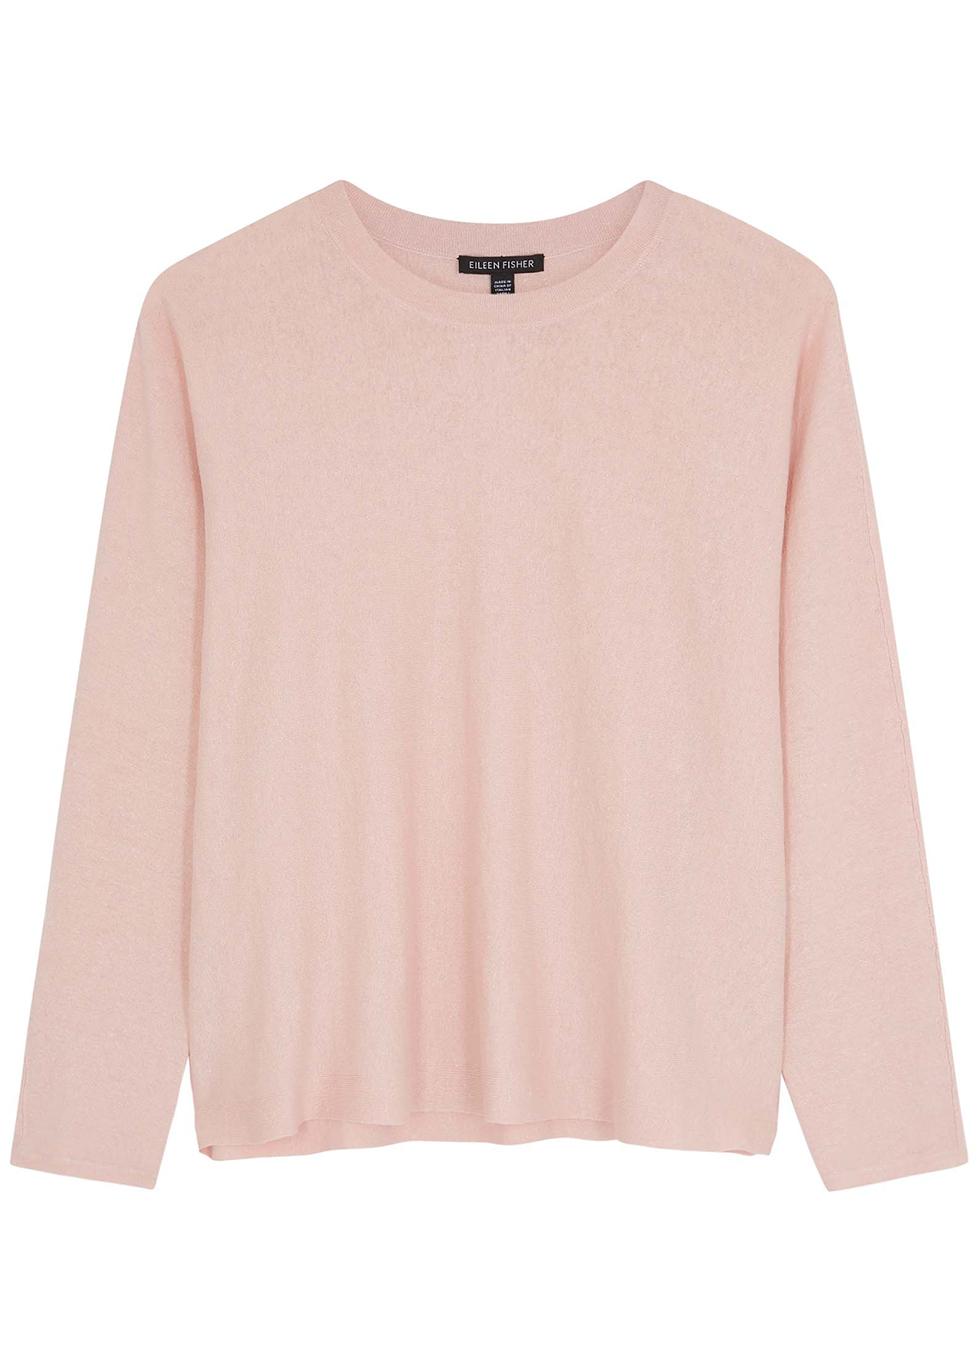 Light pink linen-blend top